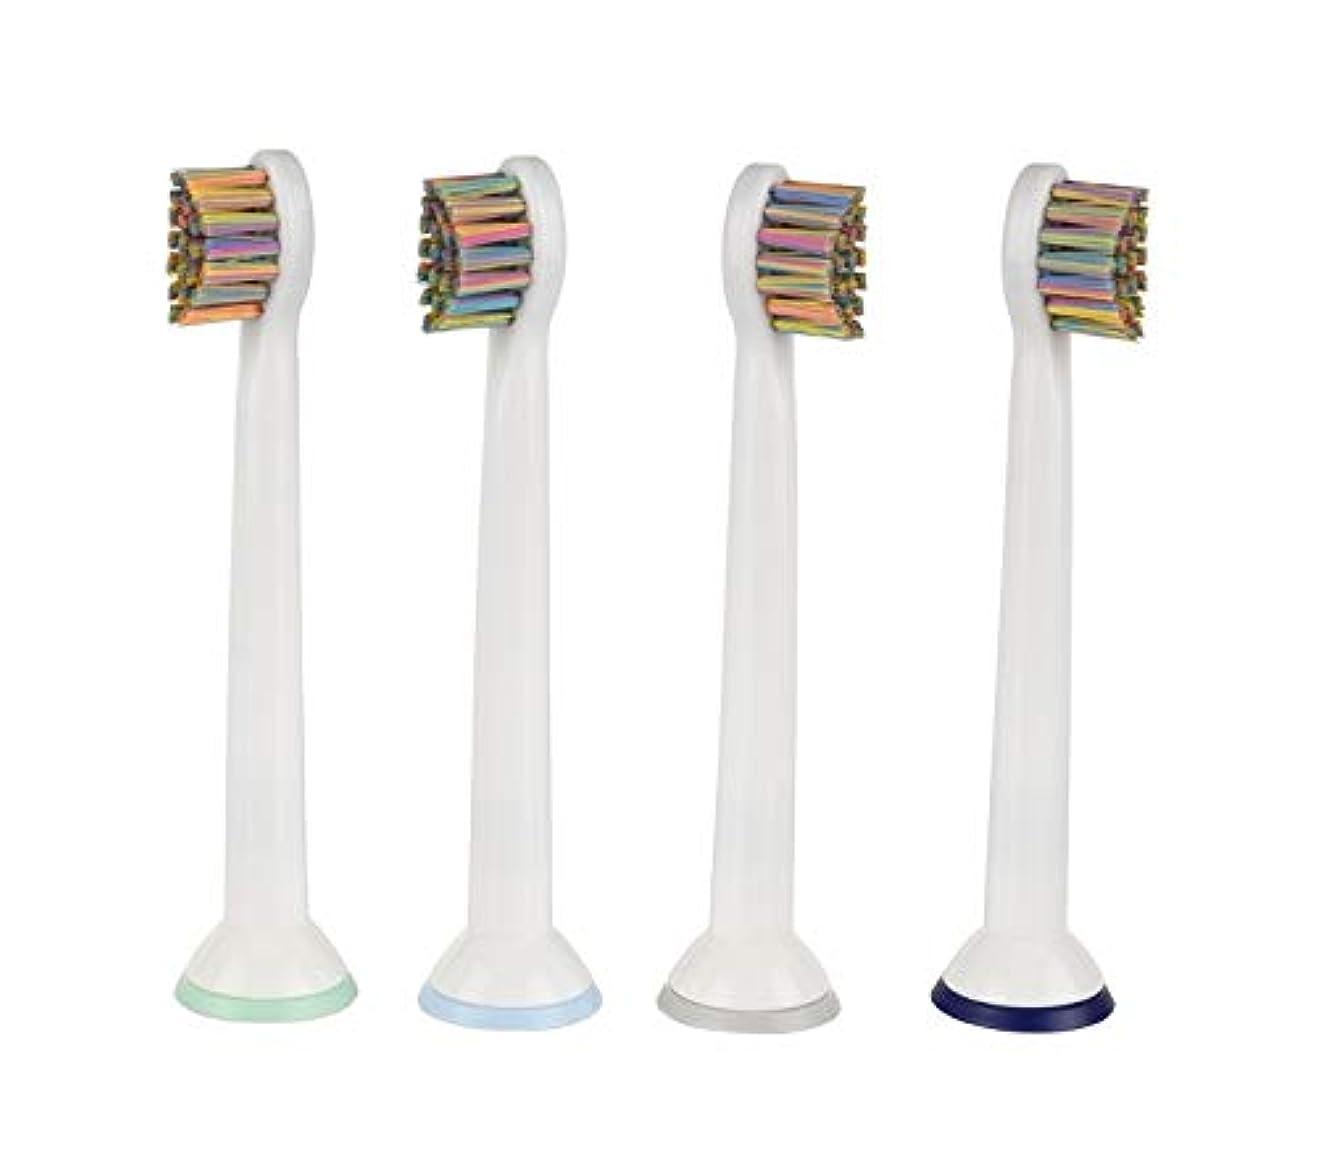 司令官支給熱心互換 自動除菌型フィリップス ソニッケアー 電動歯ブラシ 替えブラシ ミニヘッド カラーリング付き 4本入り 全機種対応(eシリーズを除く)